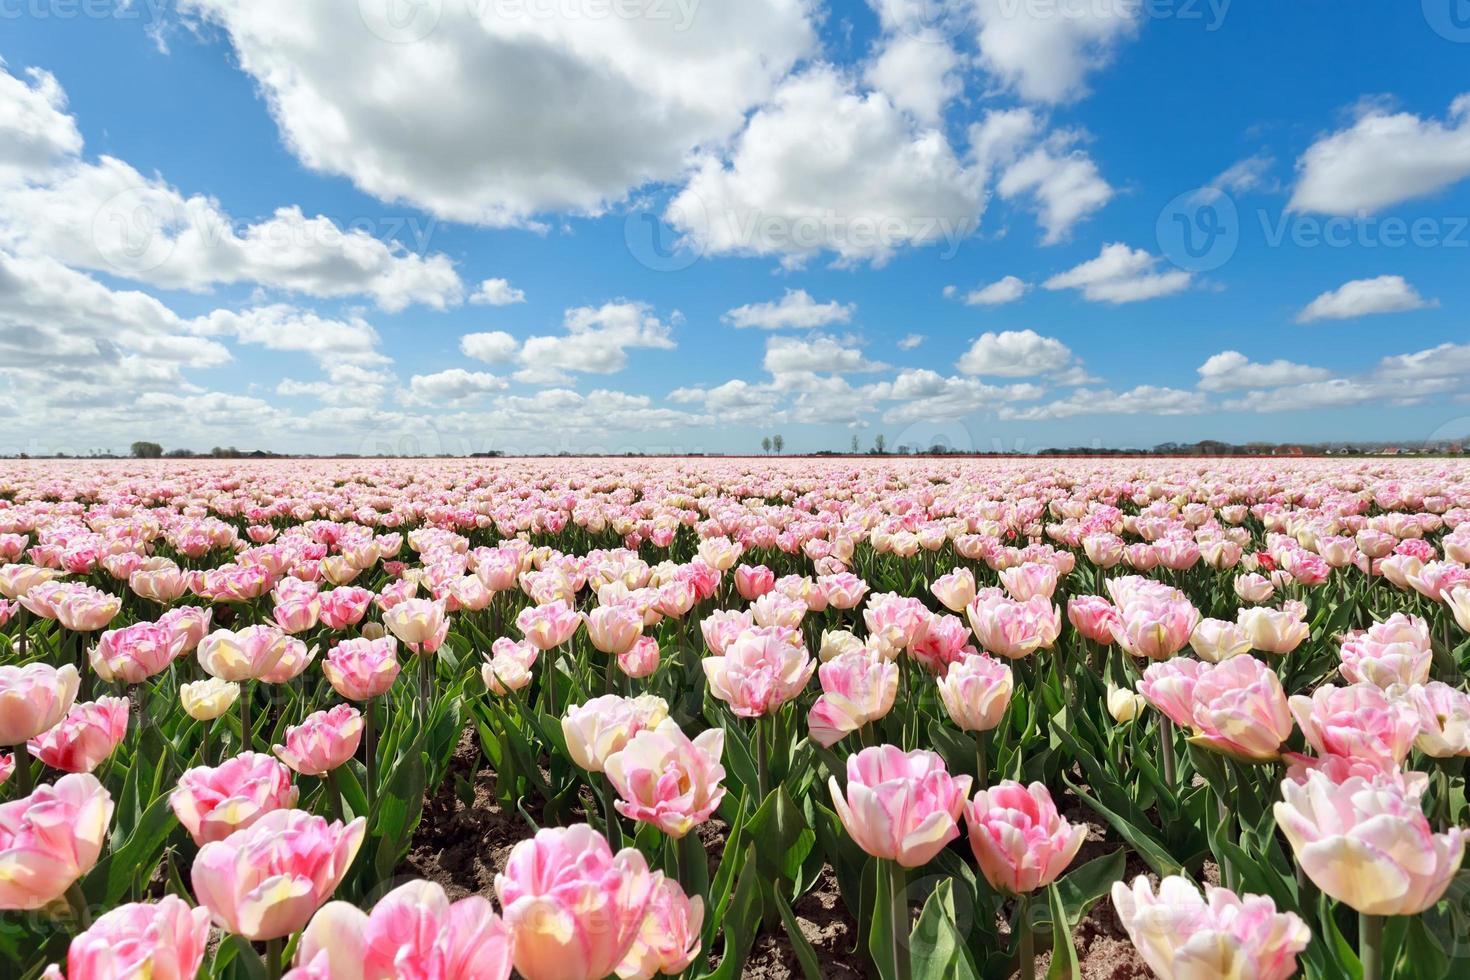 rosa Tulpenfeld und blauer Himmel foto